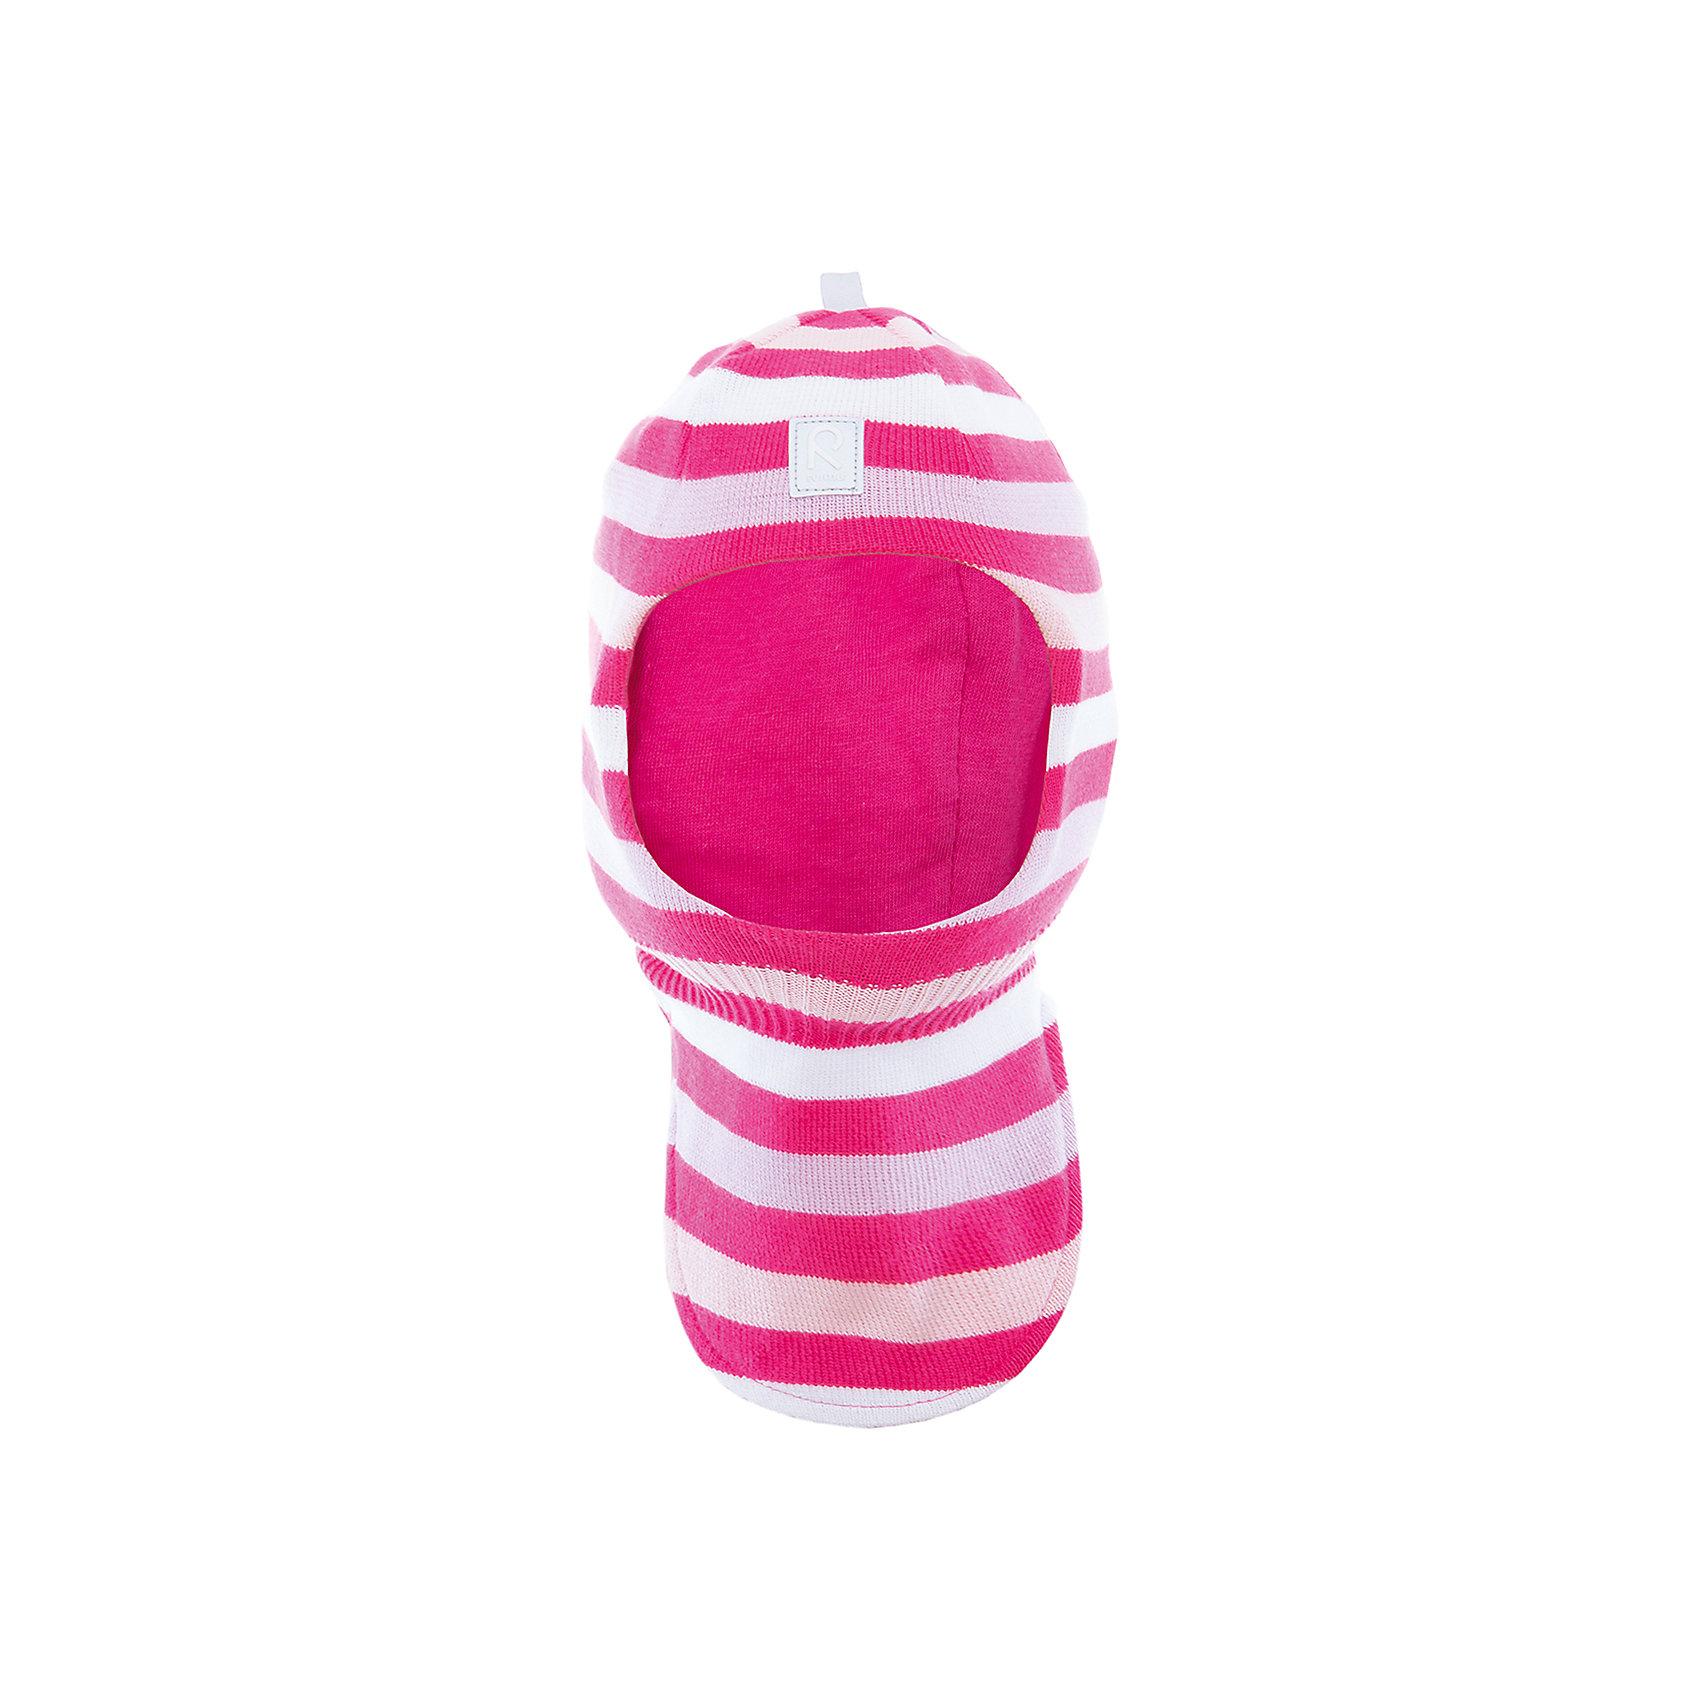 Шапка-шлем ReimaШапка-шлем от финского бренда Reima.<br>Шапка-шлем для детей и малышей. Эластичная хлопчатобумажная ткань. Товар сертифицирован Oeko-Tex, класс 1, одежда для малышей. Сплошная подкладка: гладкий хлопковый трикотаж. Логотип Reima® спереди. Узор из цветных полос.<br>Состав:<br>100% Хлопок<br><br>Уход:<br>Стирать по отдельности, вывернув наизнанку. Придать первоначальную форму вo влажном виде. Возможна усадка 5 %.<br><br>Ширина мм: 89<br>Глубина мм: 117<br>Высота мм: 44<br>Вес г: 155<br>Цвет: розовый<br>Возраст от месяцев: 6<br>Возраст до месяцев: 9<br>Пол: Унисекс<br>Возраст: Детский<br>Размер: 46,52,50,48<br>SKU: 5265837